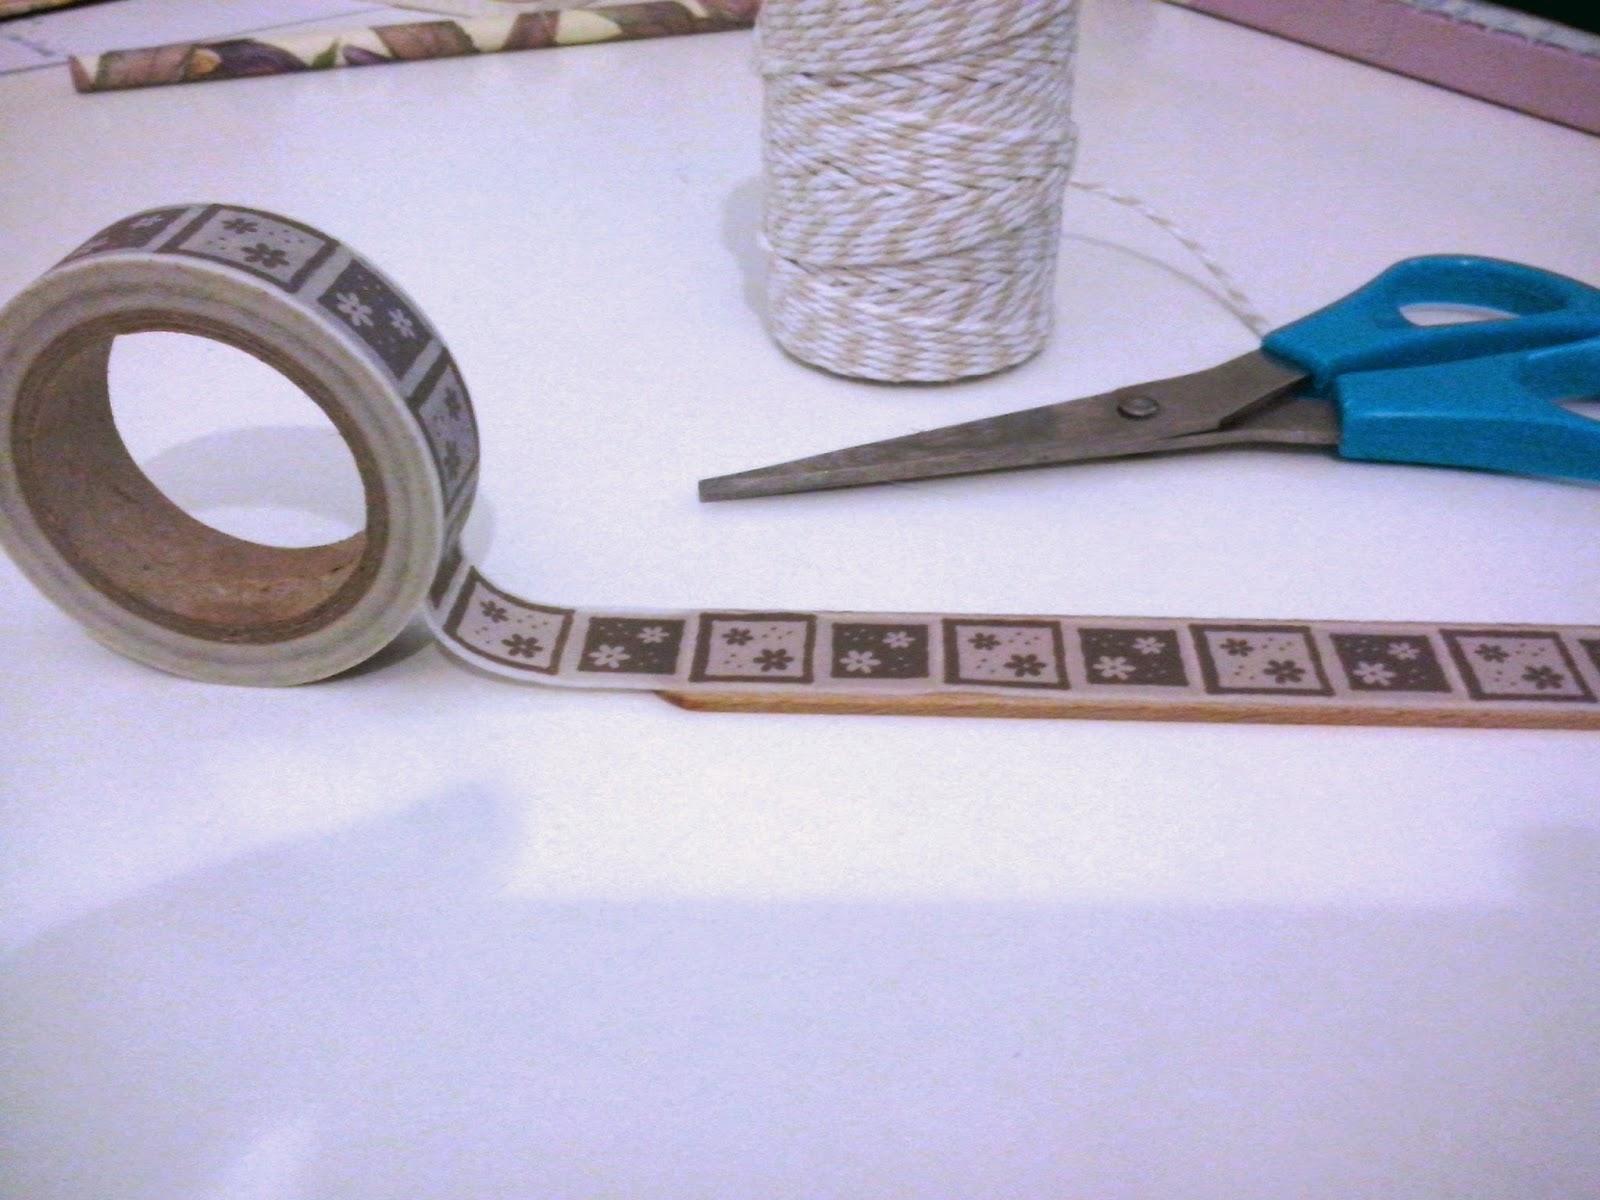 punto-de-libro-washi-tape-la-tienda-de-dibus